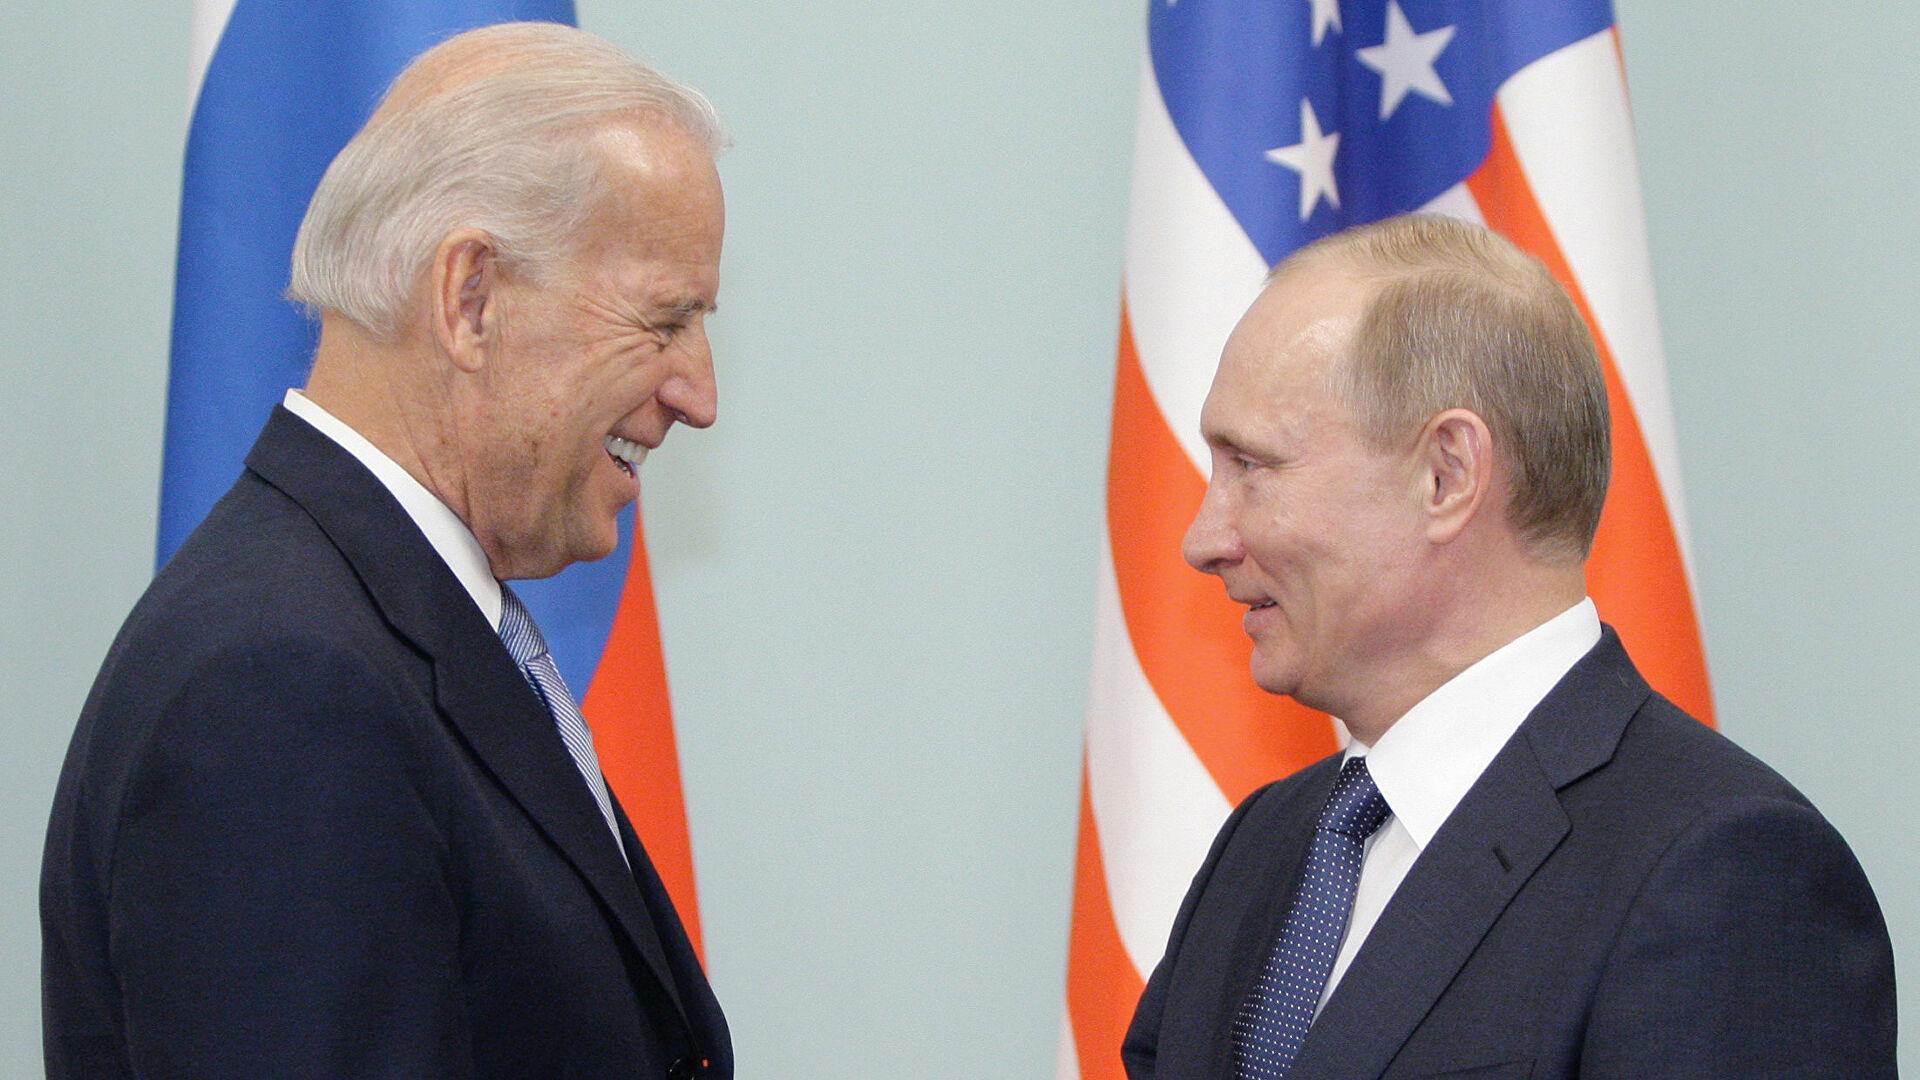 Susret Putina i Bajdena najverovatnije u junu